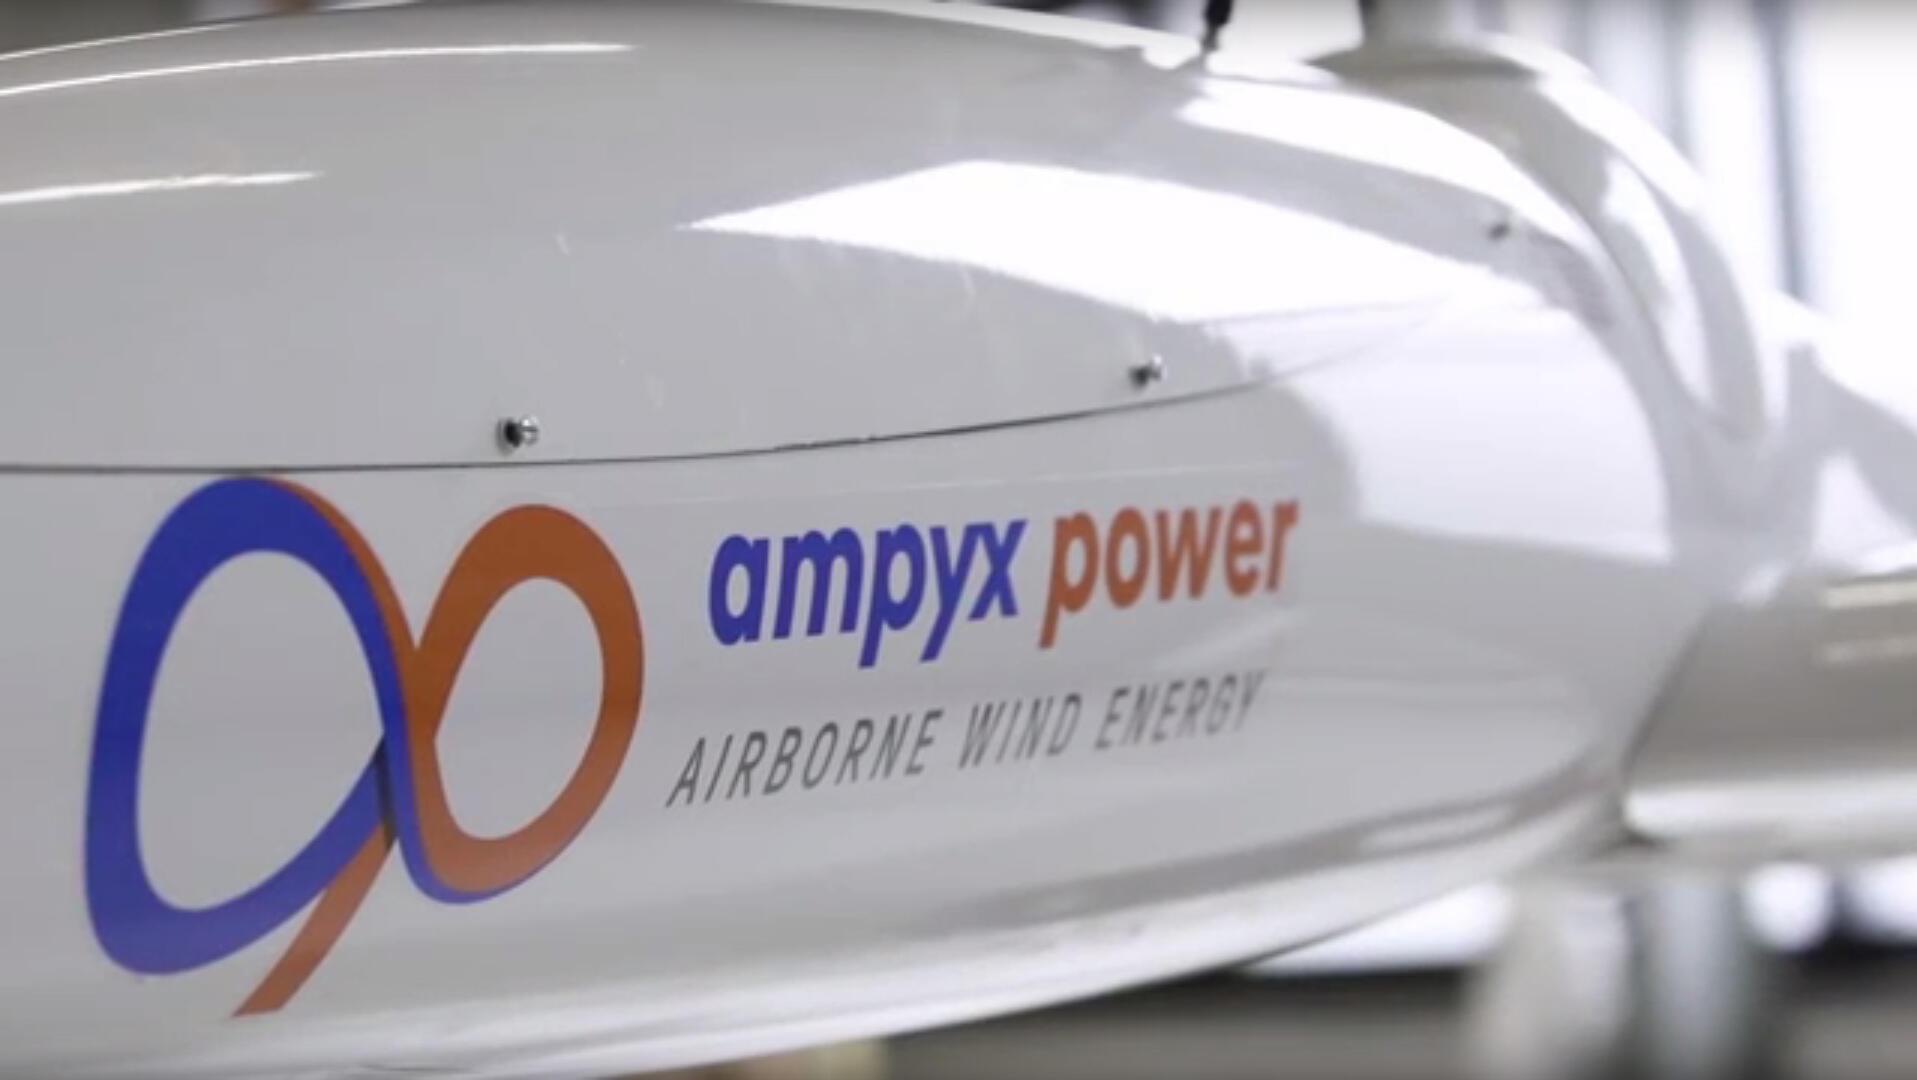 La société Ampyx Power tente de créer des drones éoliens.